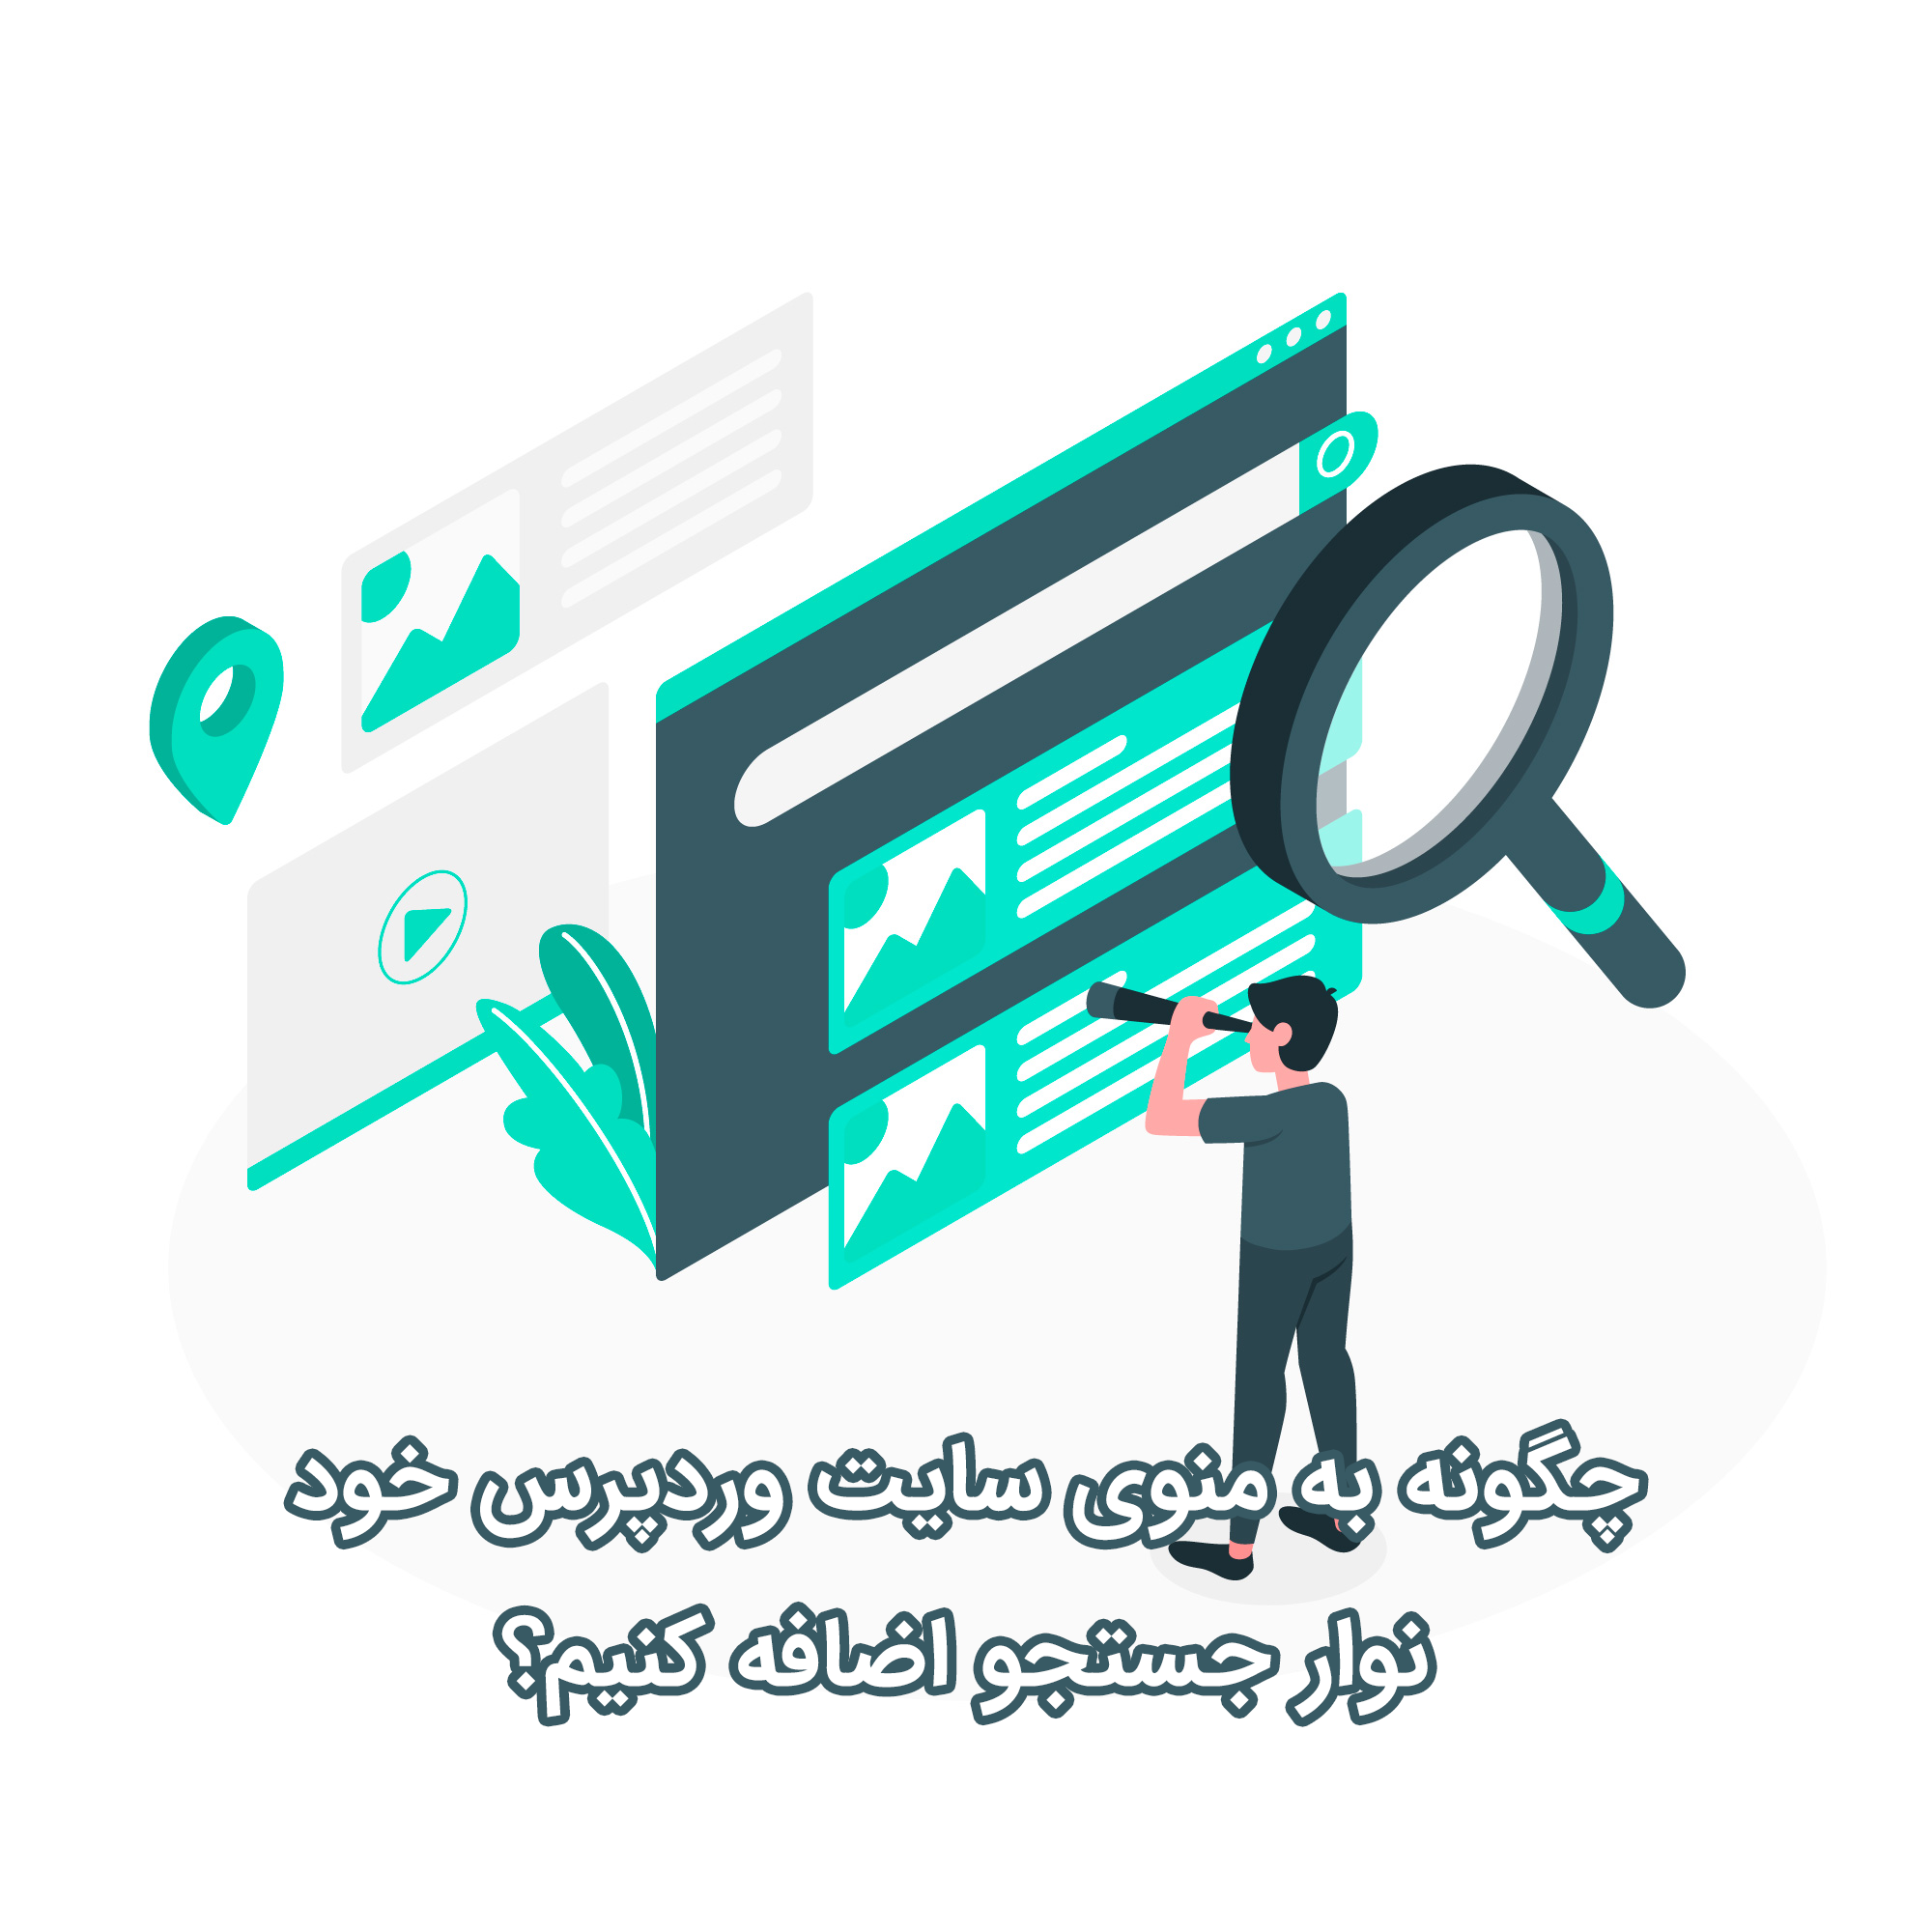 اضافه کردن فرم جستجو به سایت وردپرس با Ivory Search